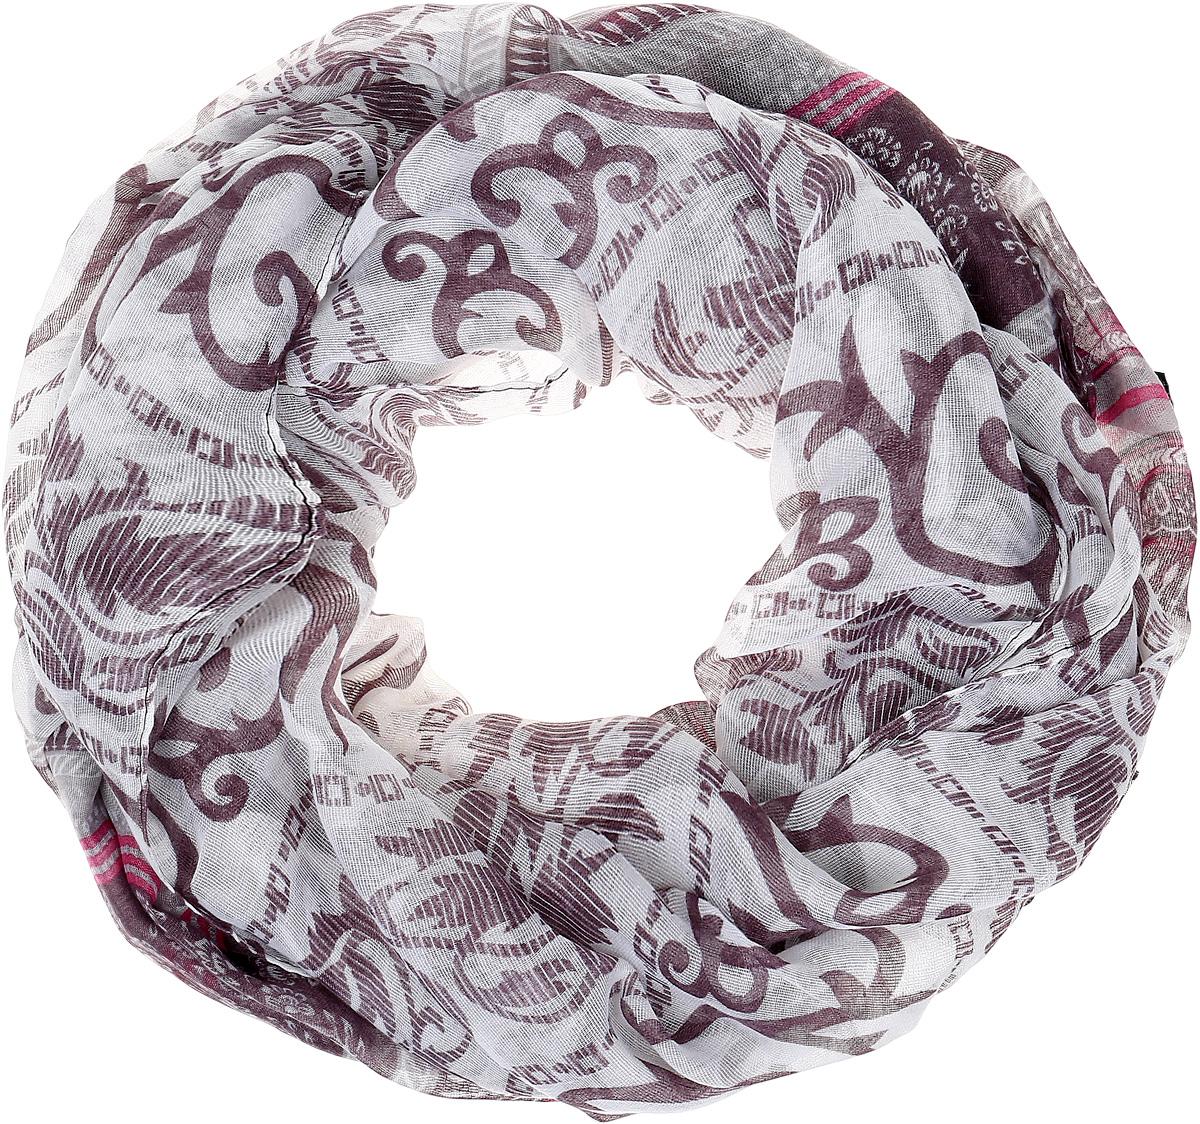 Палантин Sophie Ramage, цвет: серый, темно-сиреневый. YY-21664-6. Размер 80 см х 180 смYY-21664-6Элегантный палантин Sophie Ramage станет достойным завершением вашего образа. Палантин изготовлен из высококачественного модала с добавлением шерсти. Оформлена модель стильными узорами. Палантин красиво драпируется, он превосходно дополнит любой наряд и подчеркнет ваш изысканный вкус. Легкий и изящный палантин привнесет в ваш образ утонченность и шарм.